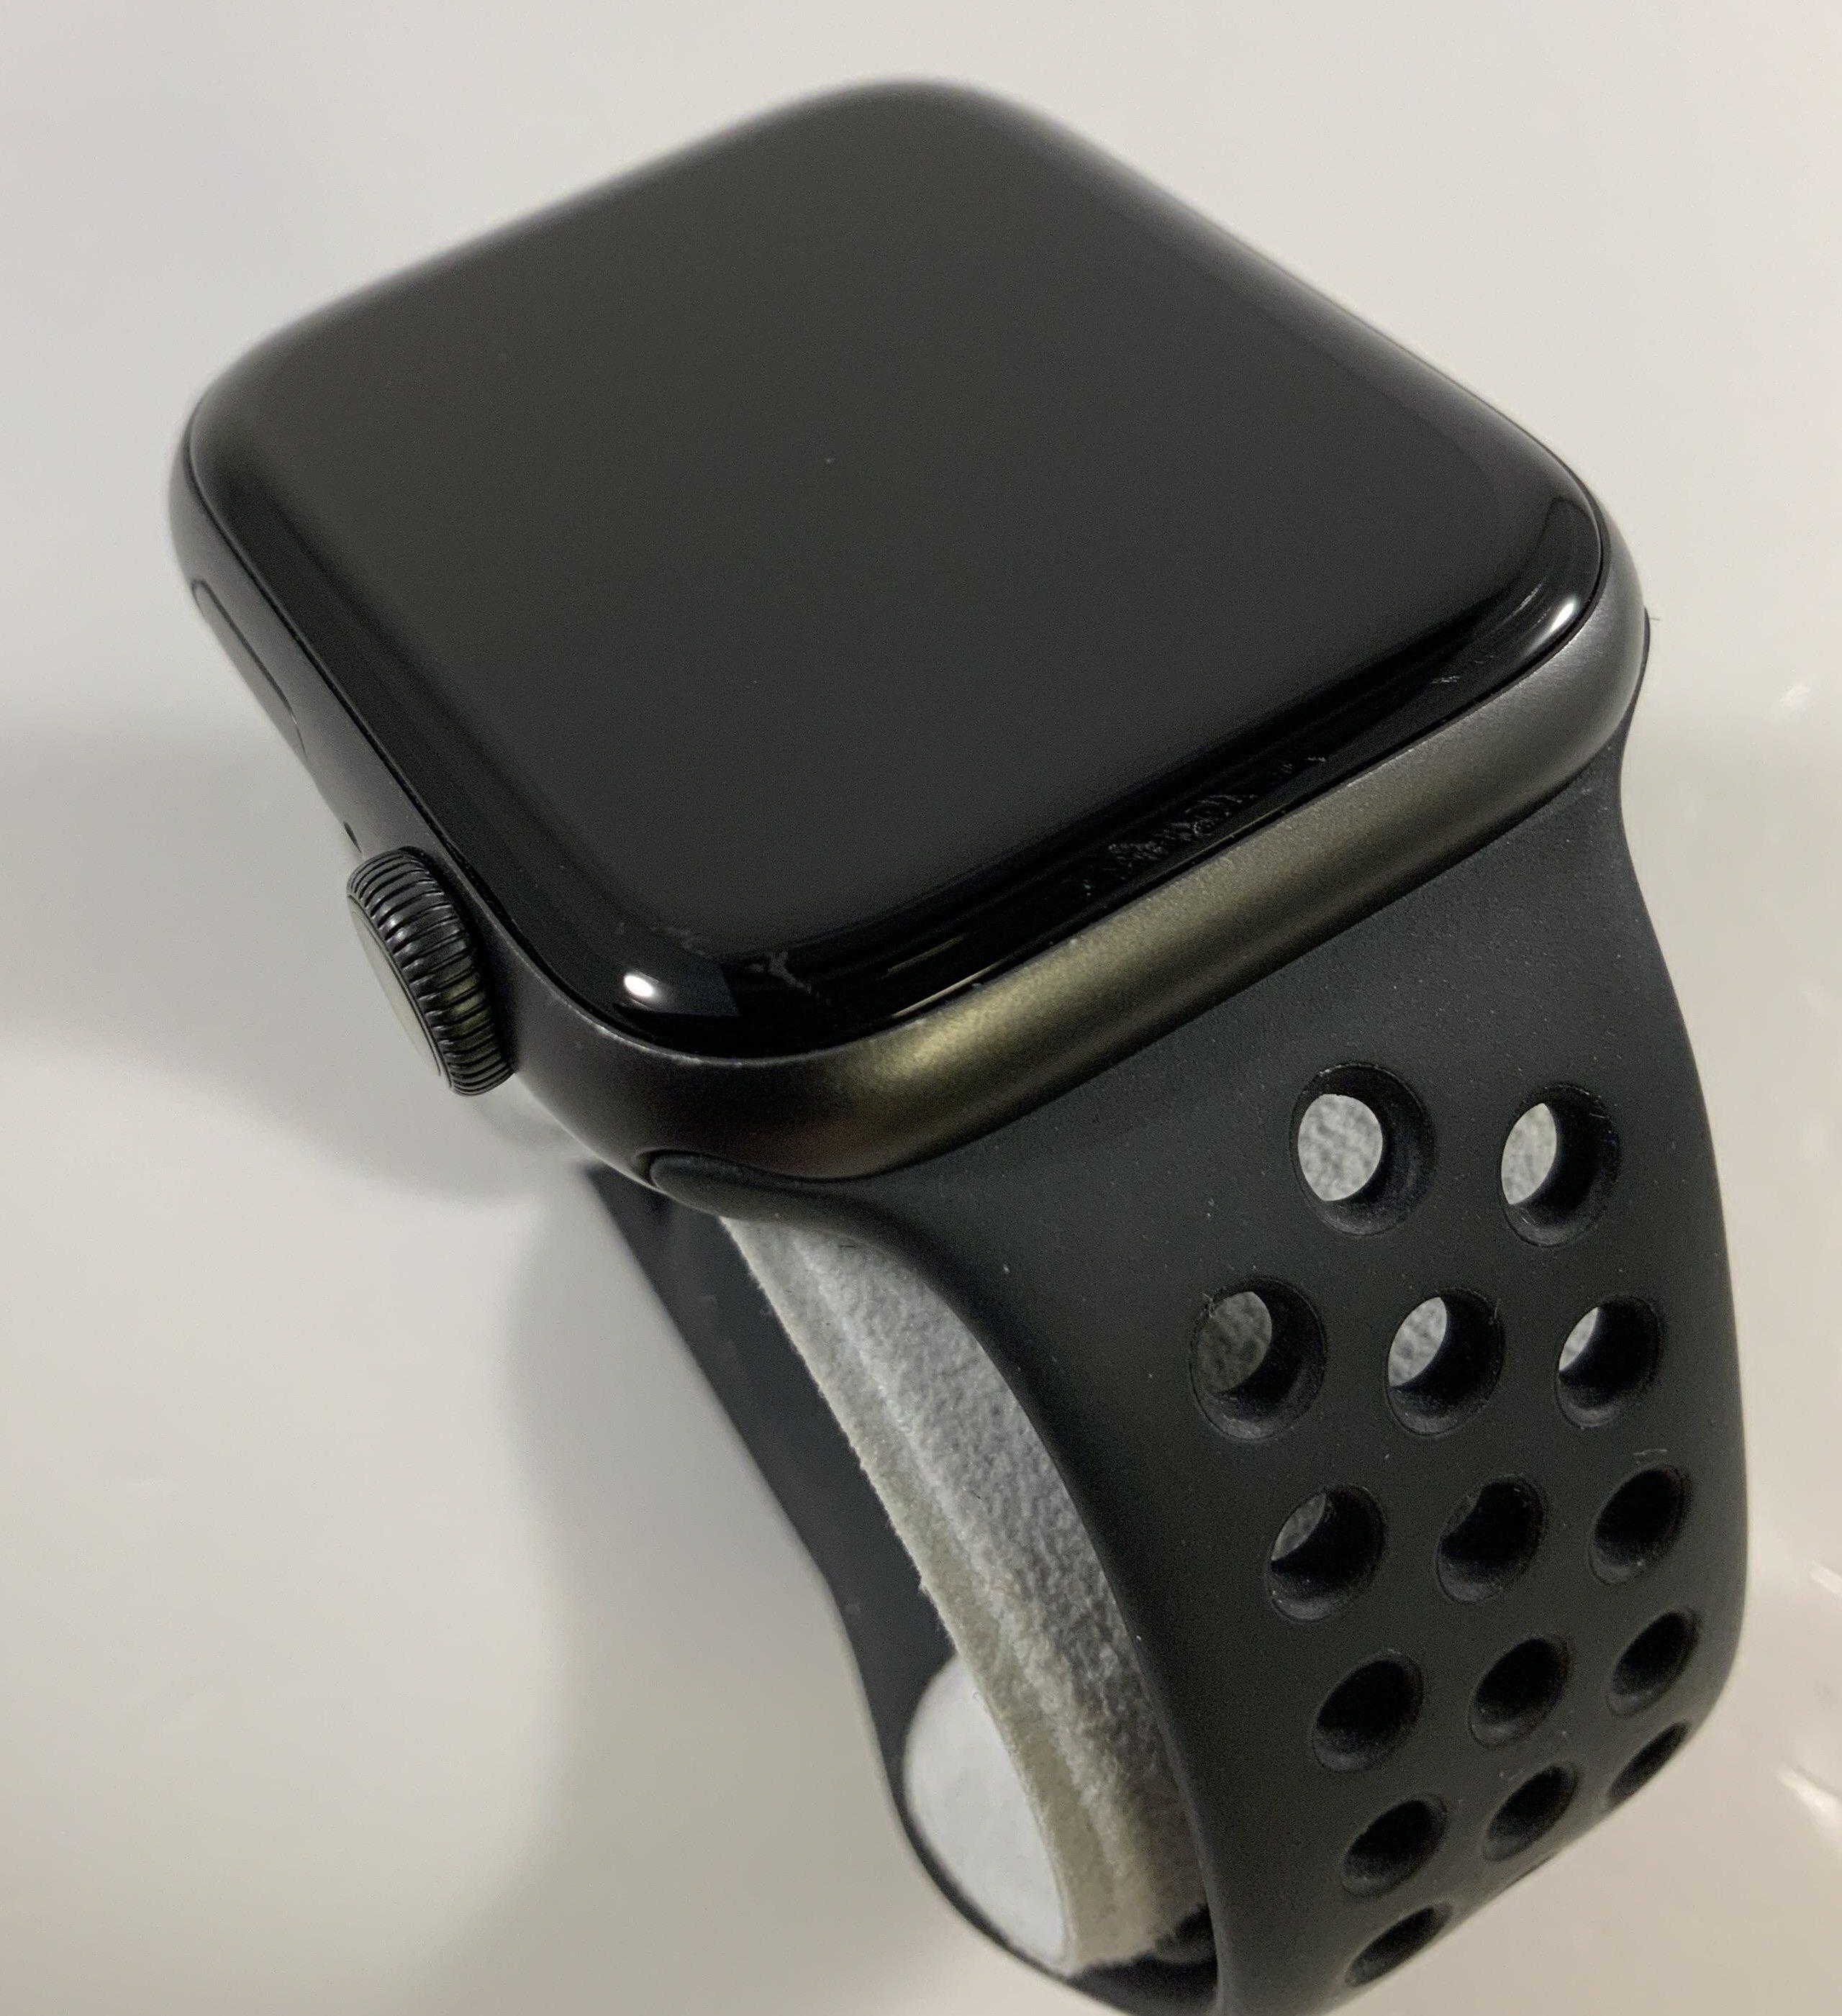 Watch Series 5 Aluminum (44mm), Space Gray, Kuva 2